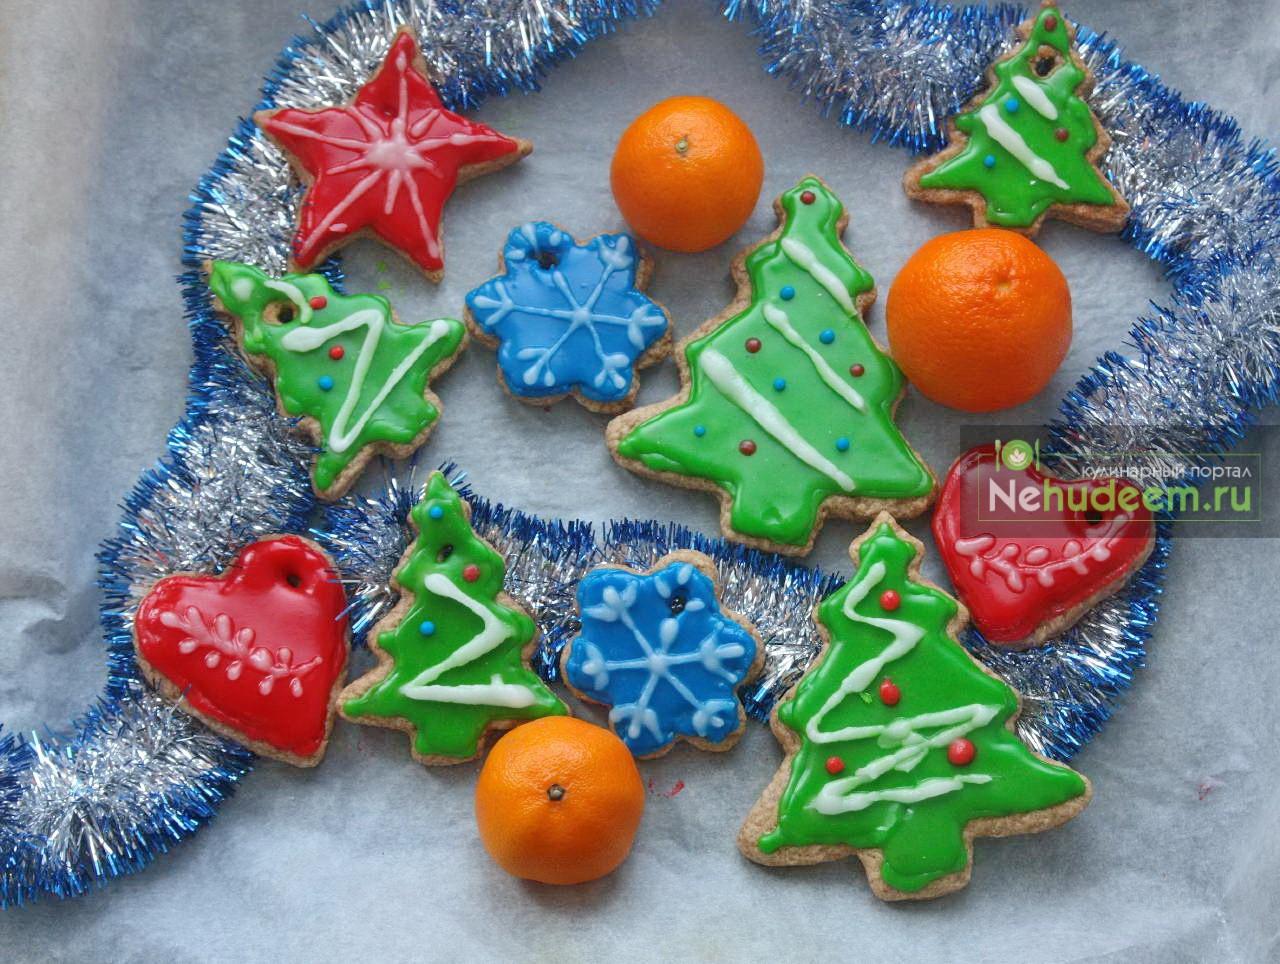 Веганское имбирное печенье